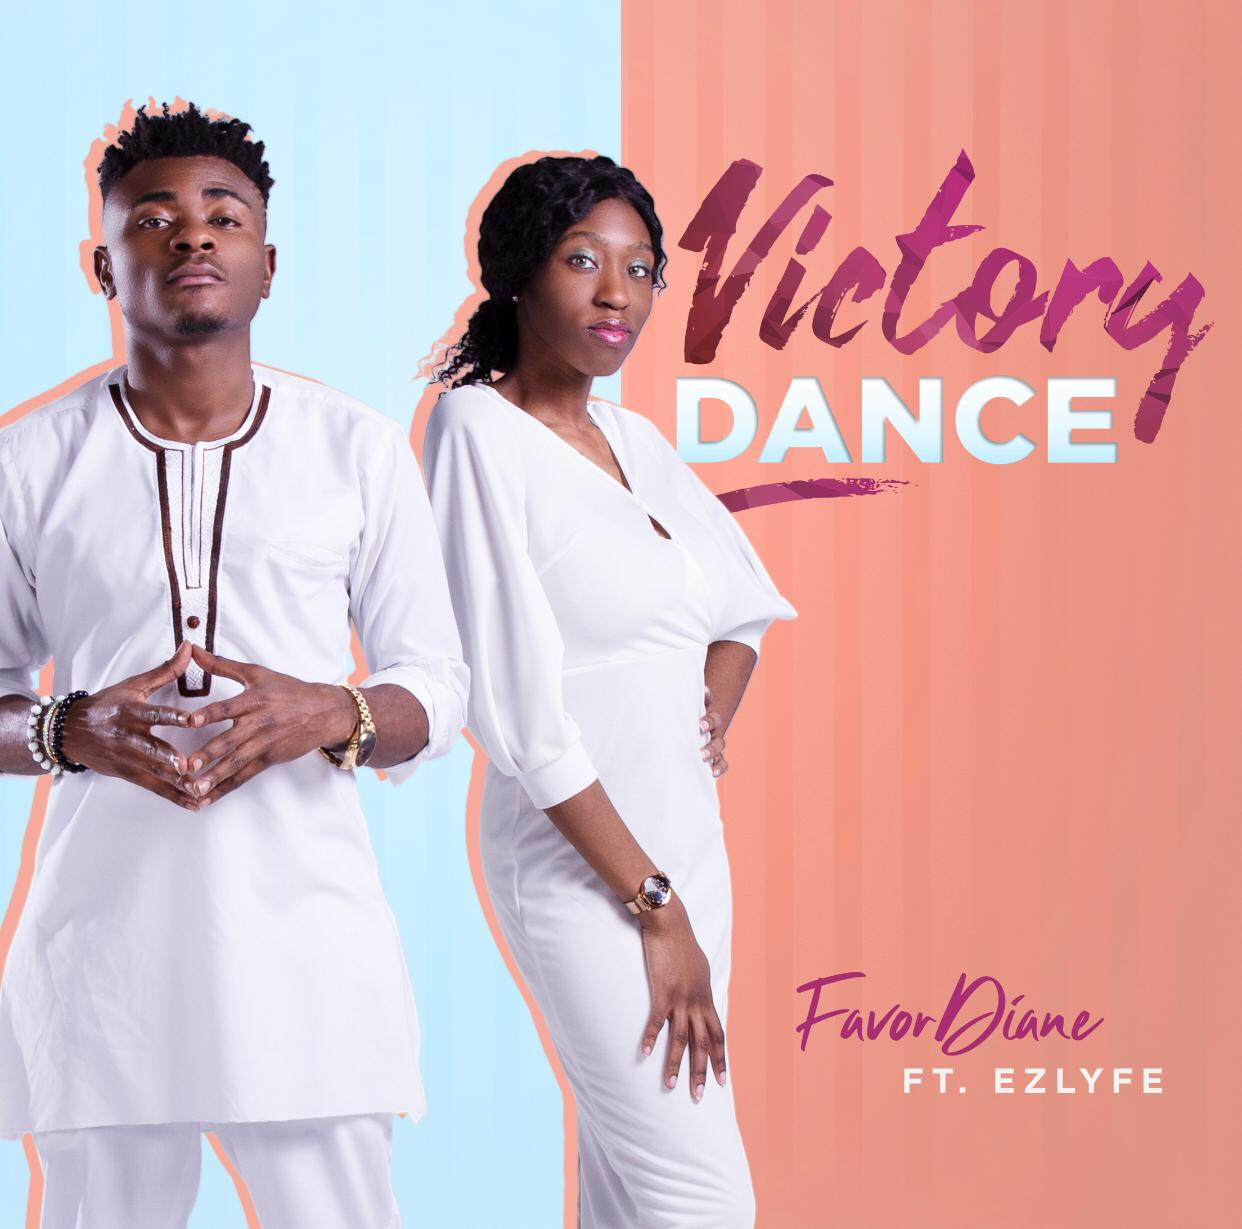 Favor Dinne ft. Ezlyfe - Victory Dance